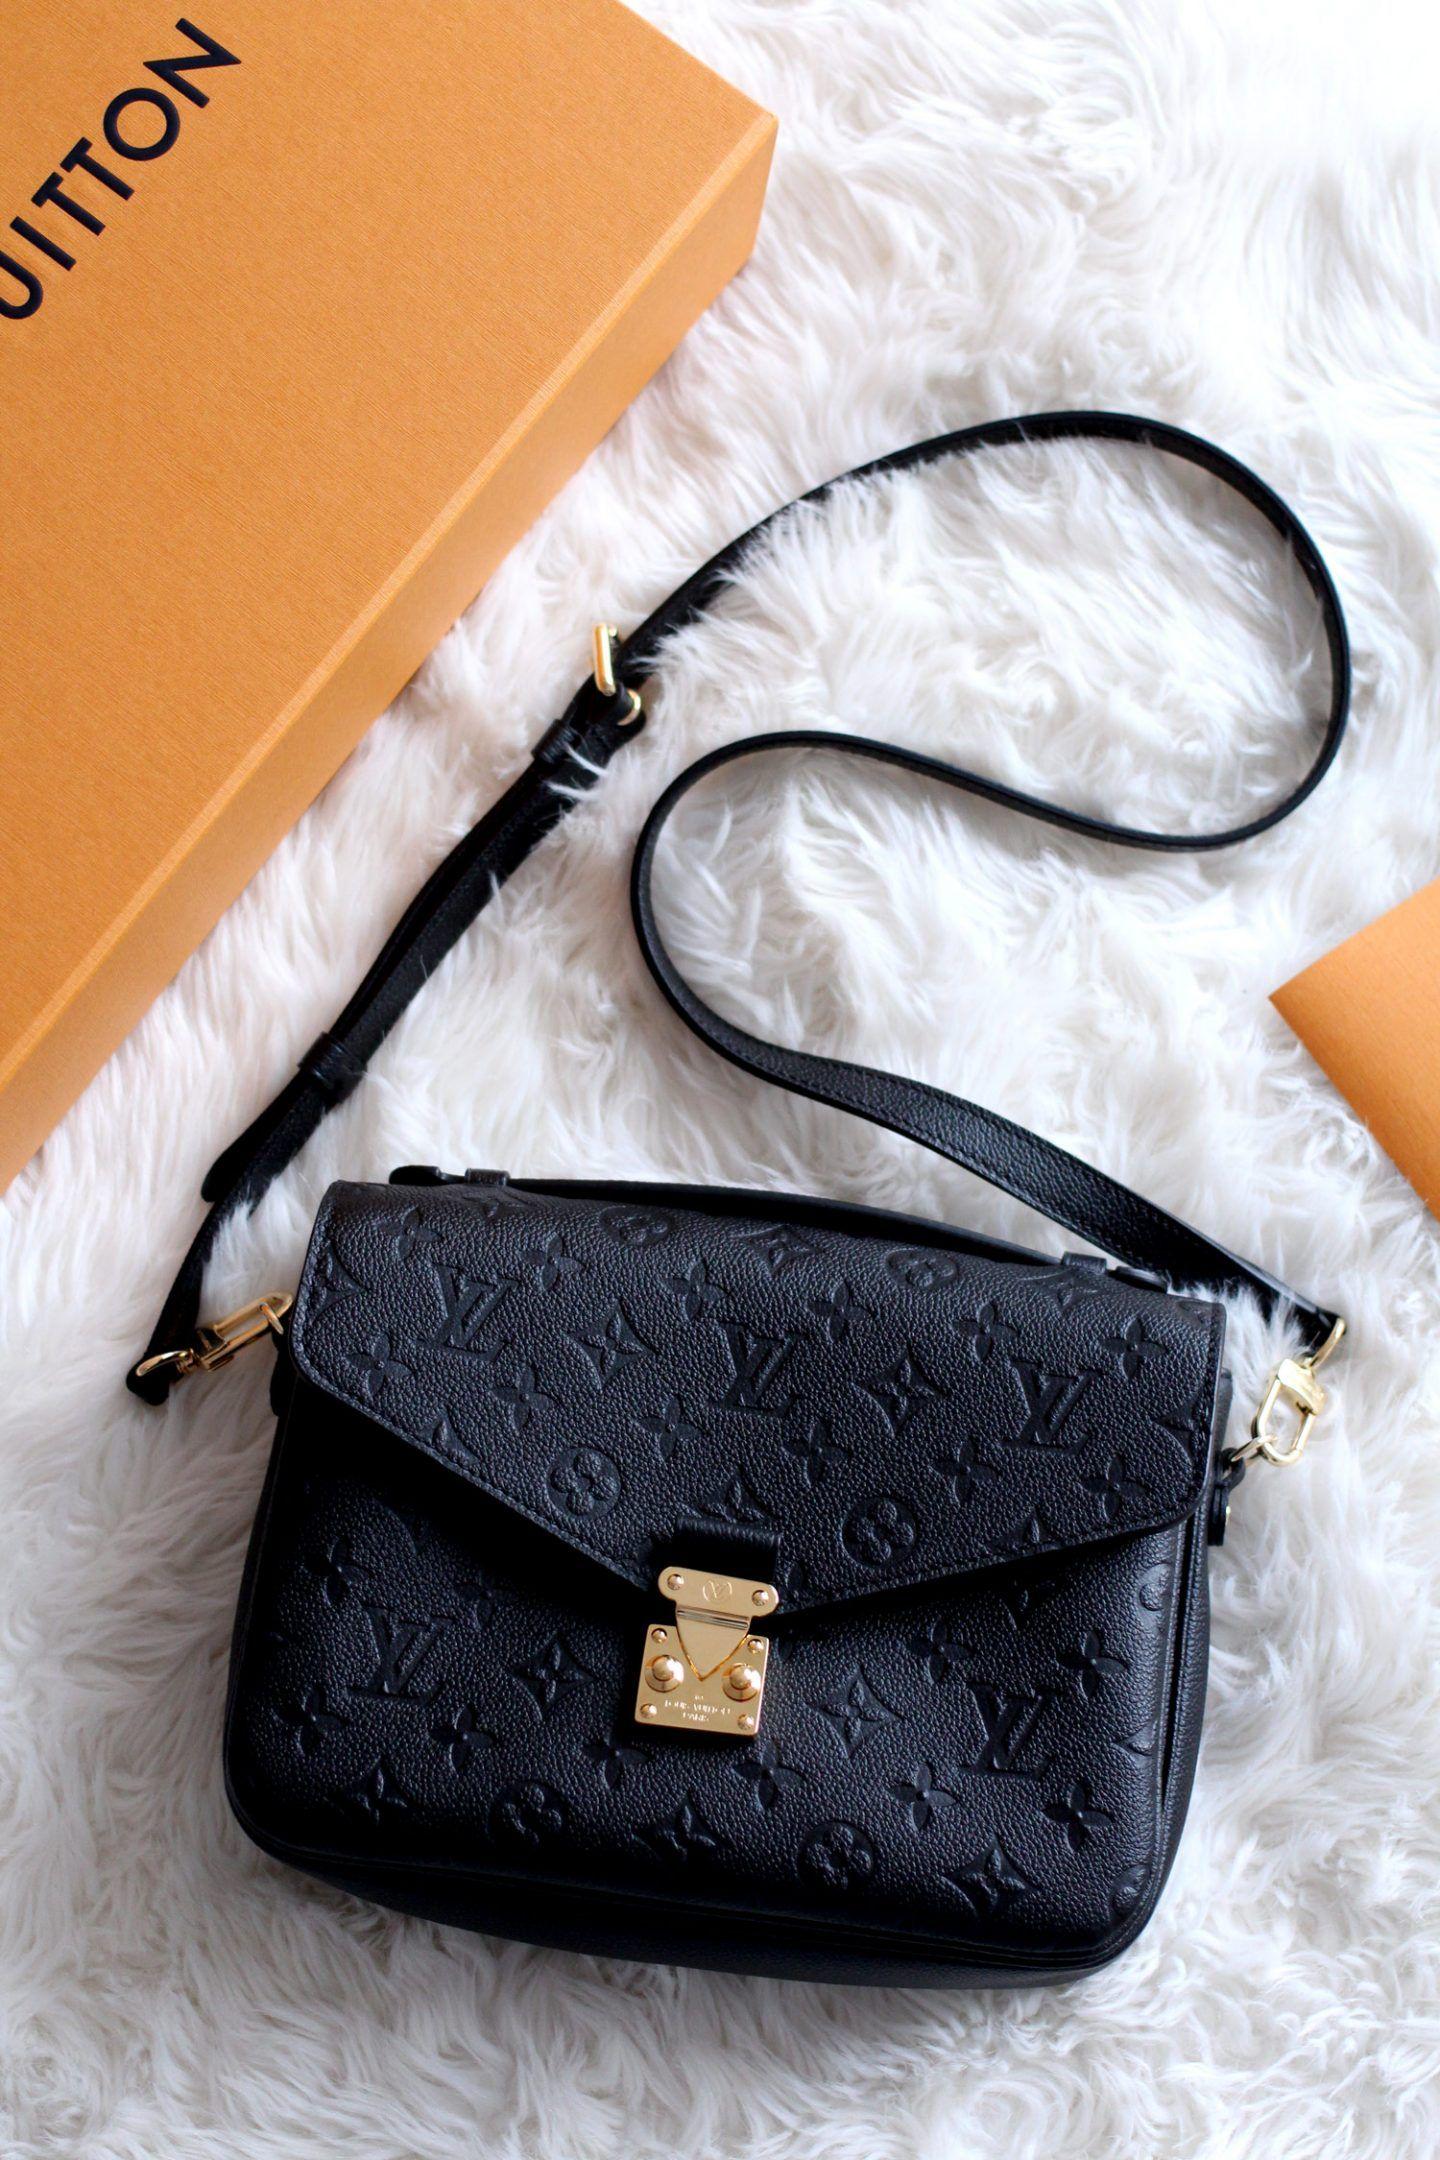 32ccb246c4 louis-vuitton-pochette-metis-Monogram-Empreinte-Leather-black-bag-review-7